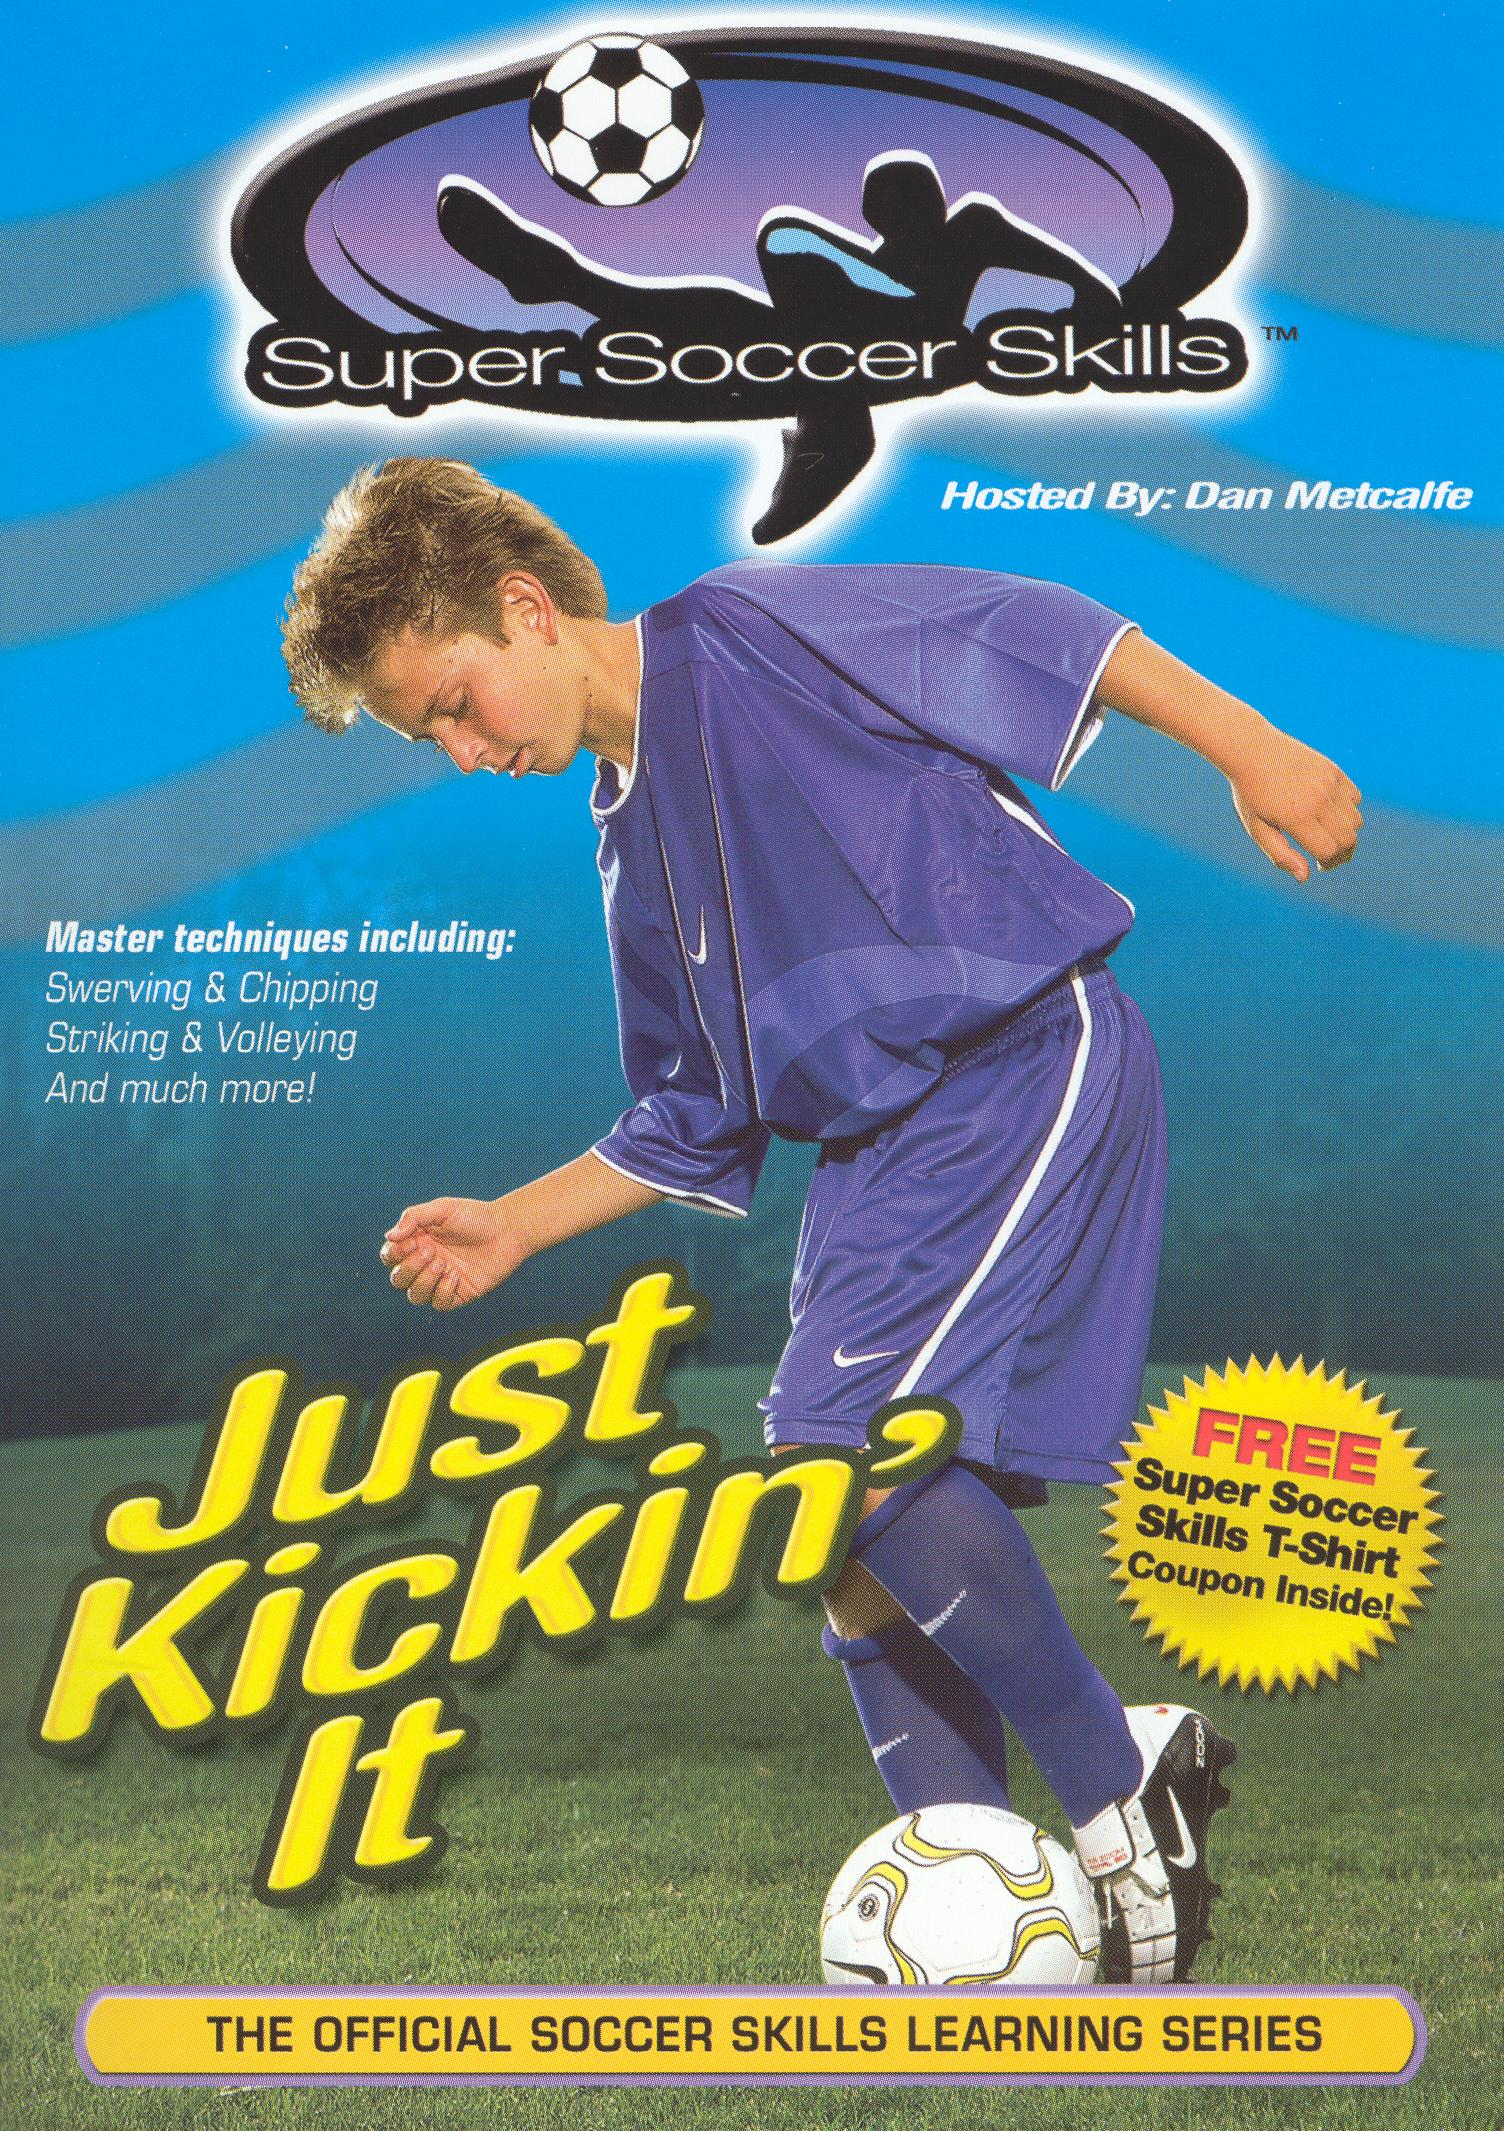 Super Soccer Skills: Just Kickin' It